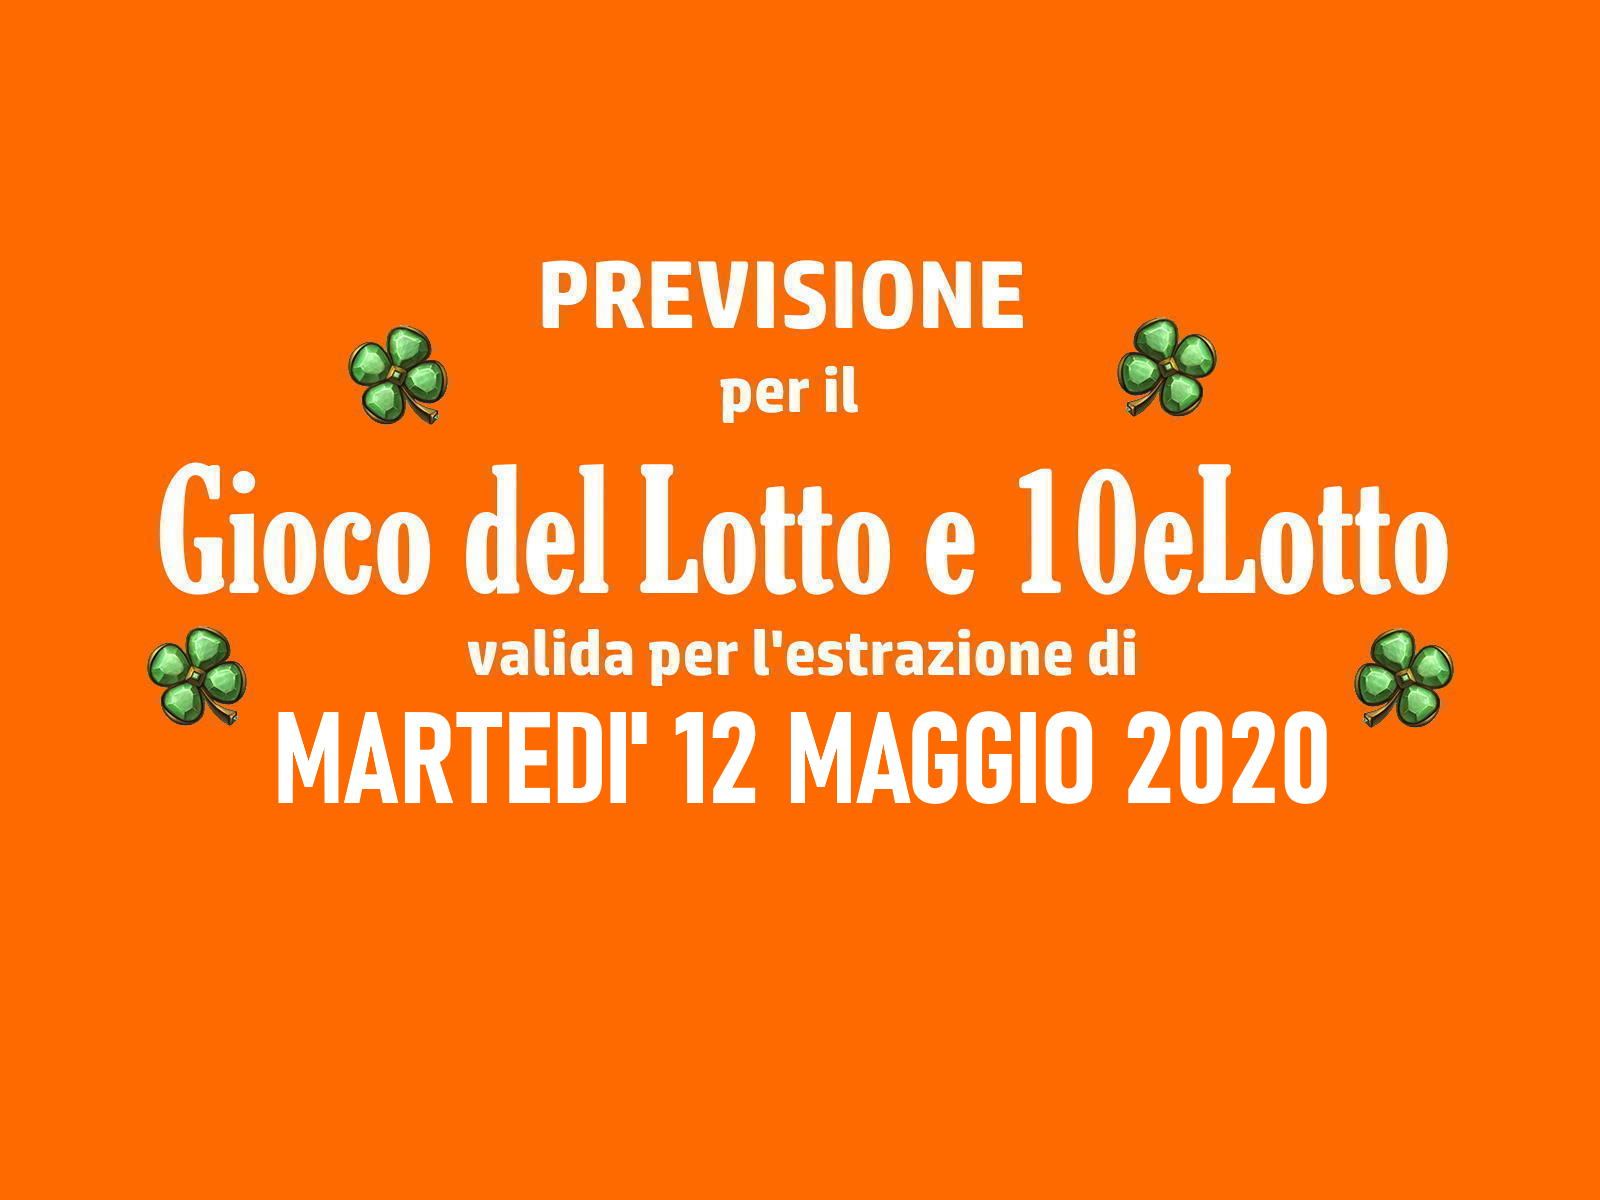 Previsione Lotto 12 Maggio 2020